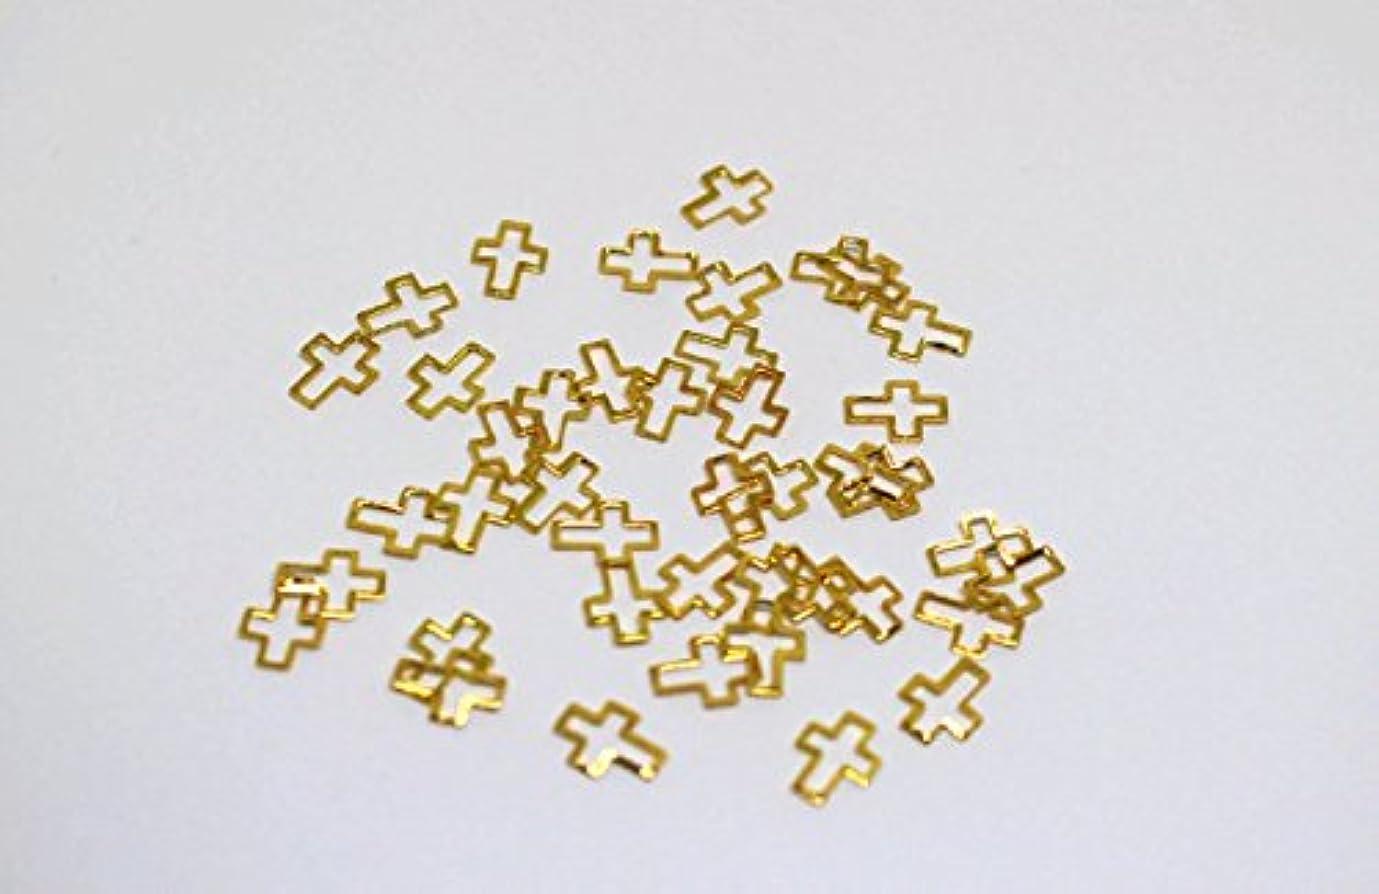 レンダリング放出稼ぐノーブランド品 D10 クロス M ゴールド 6mm*8mm プレートフレーム メタルパーツ25個入り カーブあり ゴールド シルバー ネイルパーツ ブローチフレーム ネイル用品 GOLD フレーム デコ素材